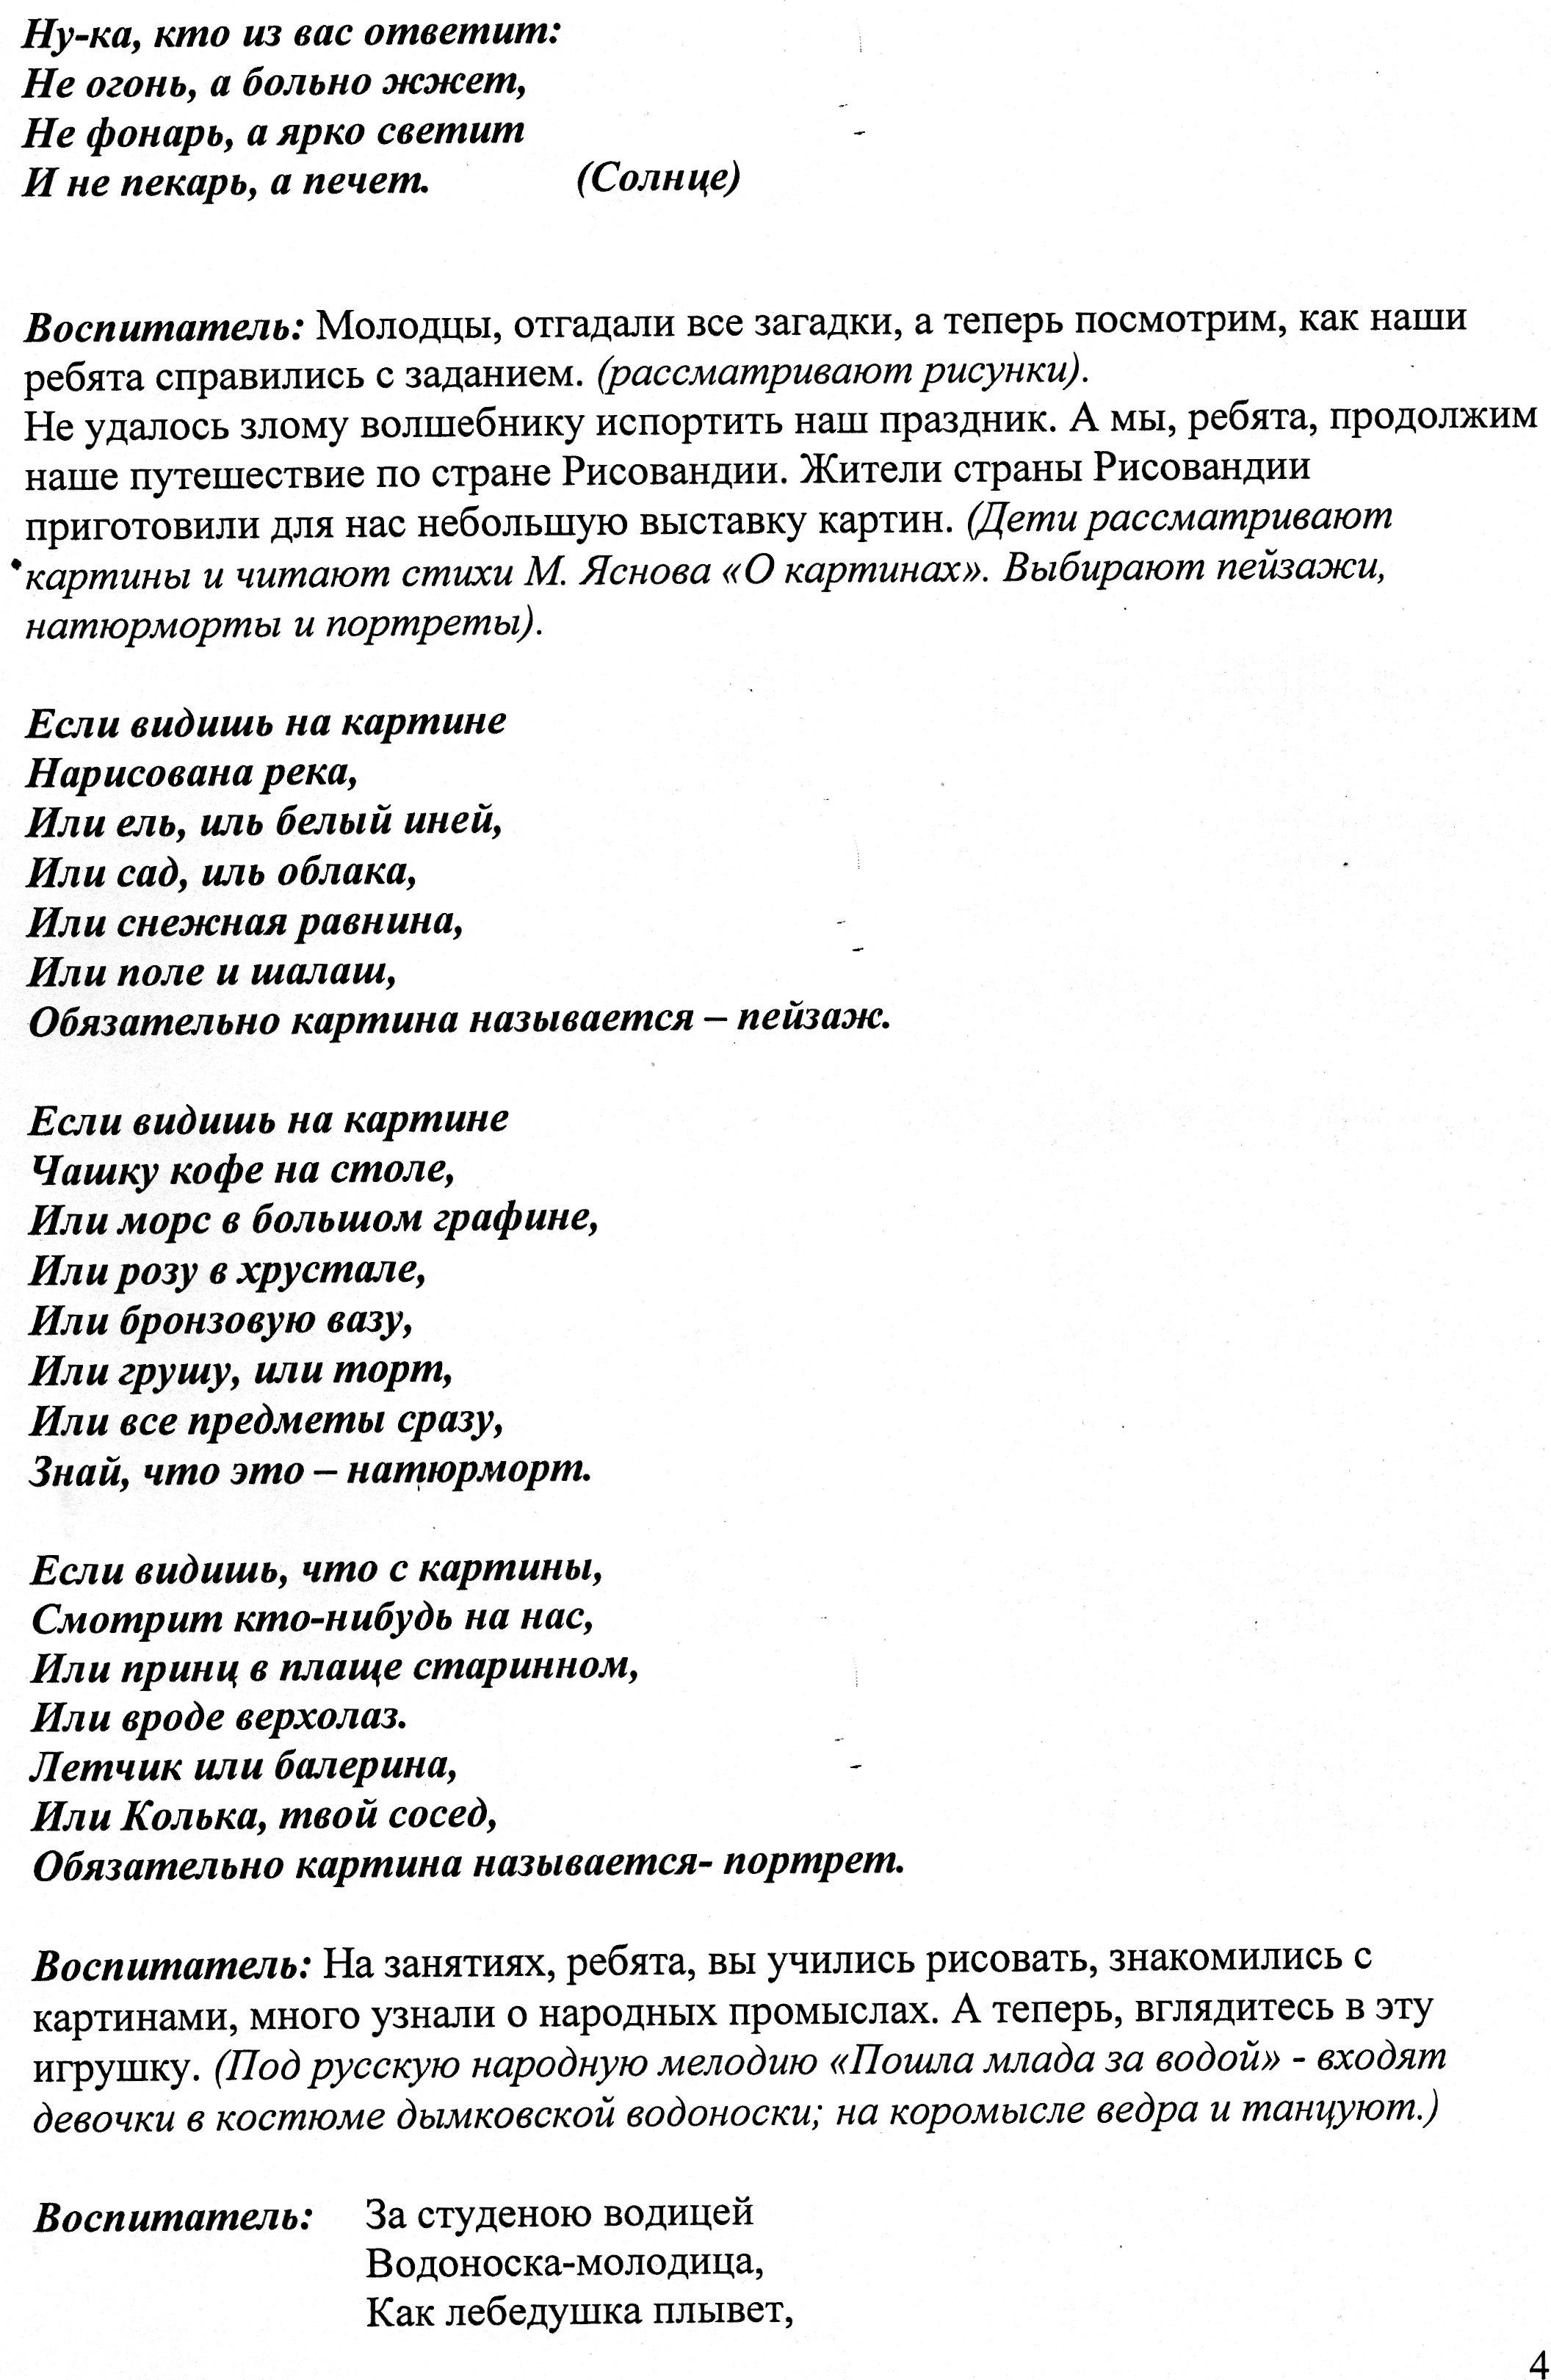 C:\Users\Щербаковы\Pictures\img018.jpg